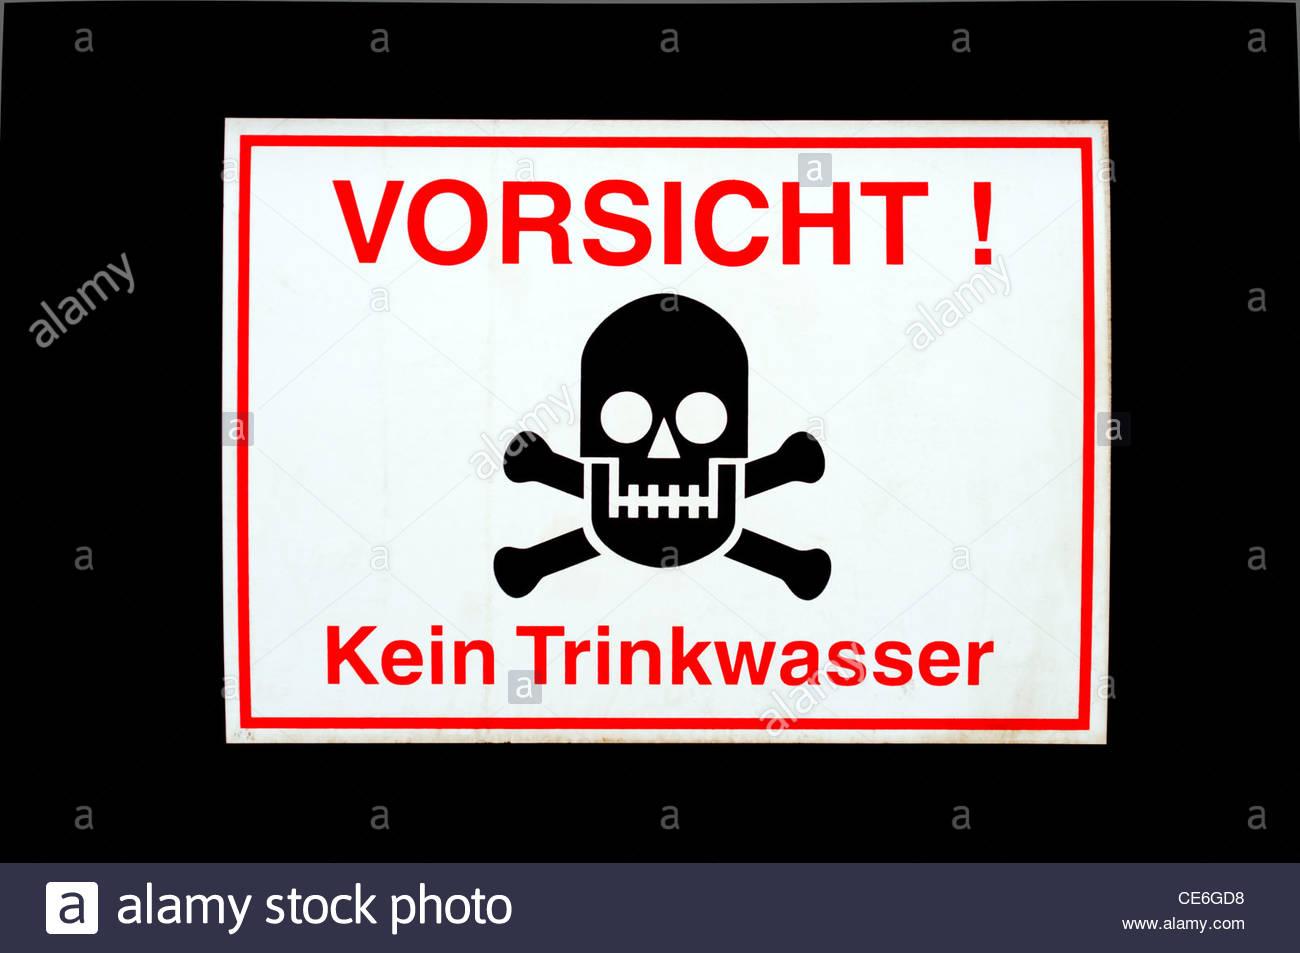 """Segno di avvertimento Vorsicht """"! Kein Trinkwasser' (Attenzione! Acqua non potabile), Lipsia, Sassonia, Immagini Stock"""